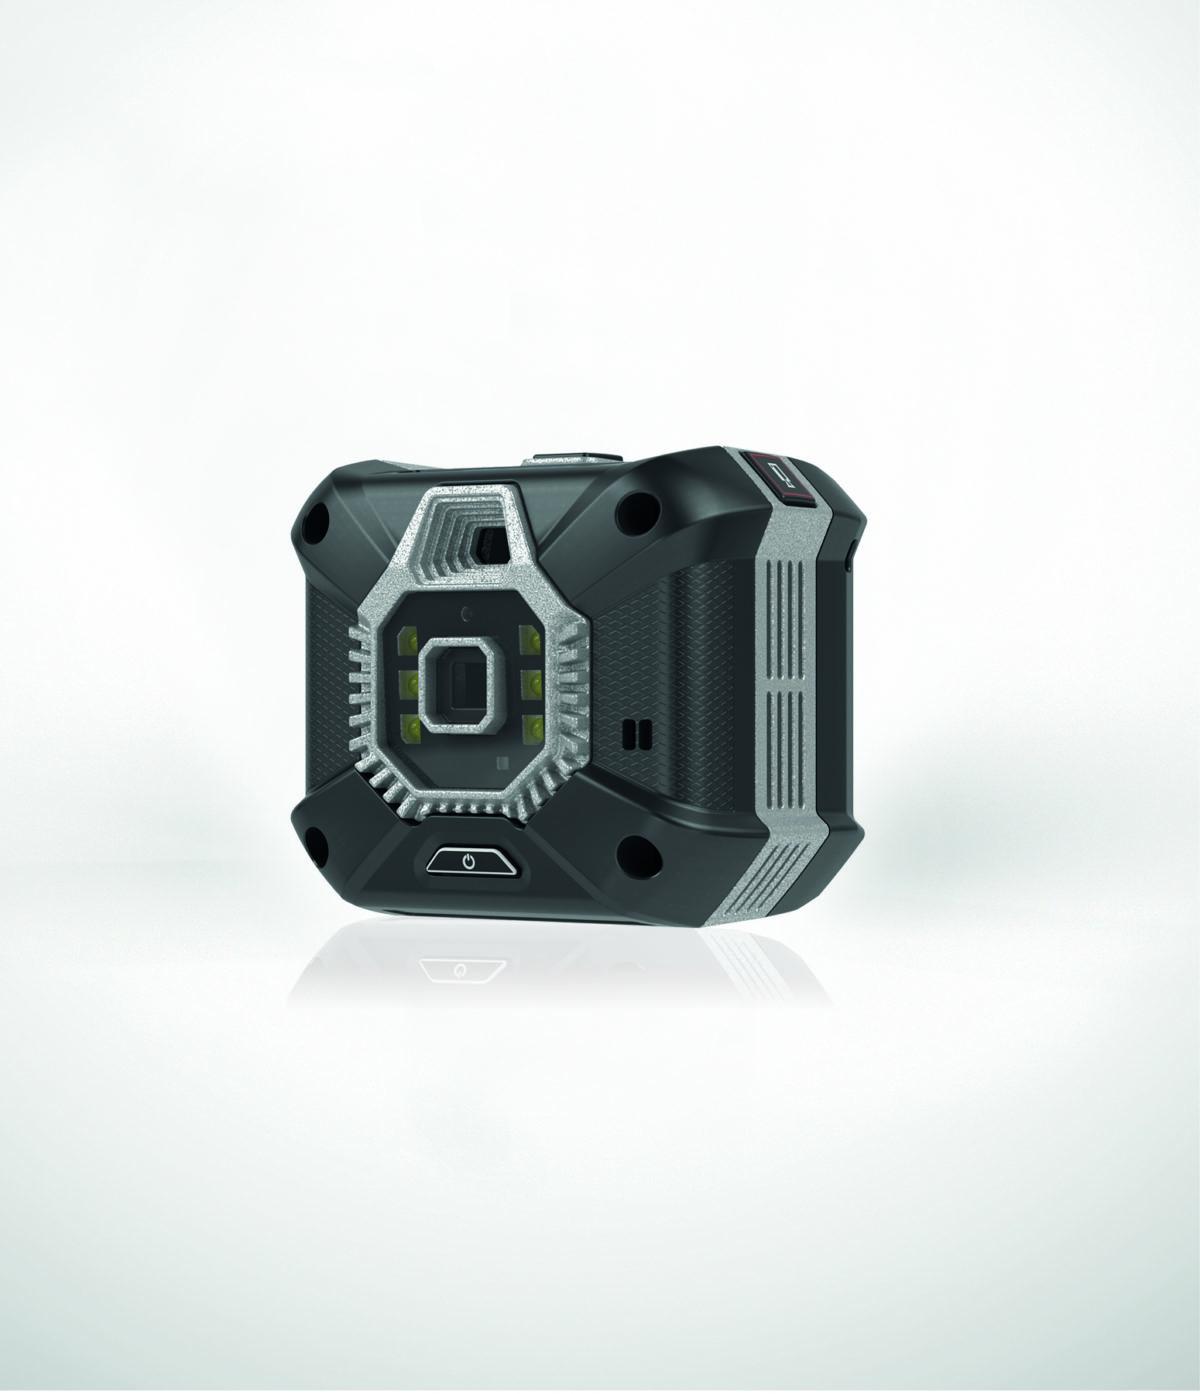 ecom Cube 800: die erste Ex-zertifizierte tragbare Infrarot- und HD-Kamera (CR: ecom)